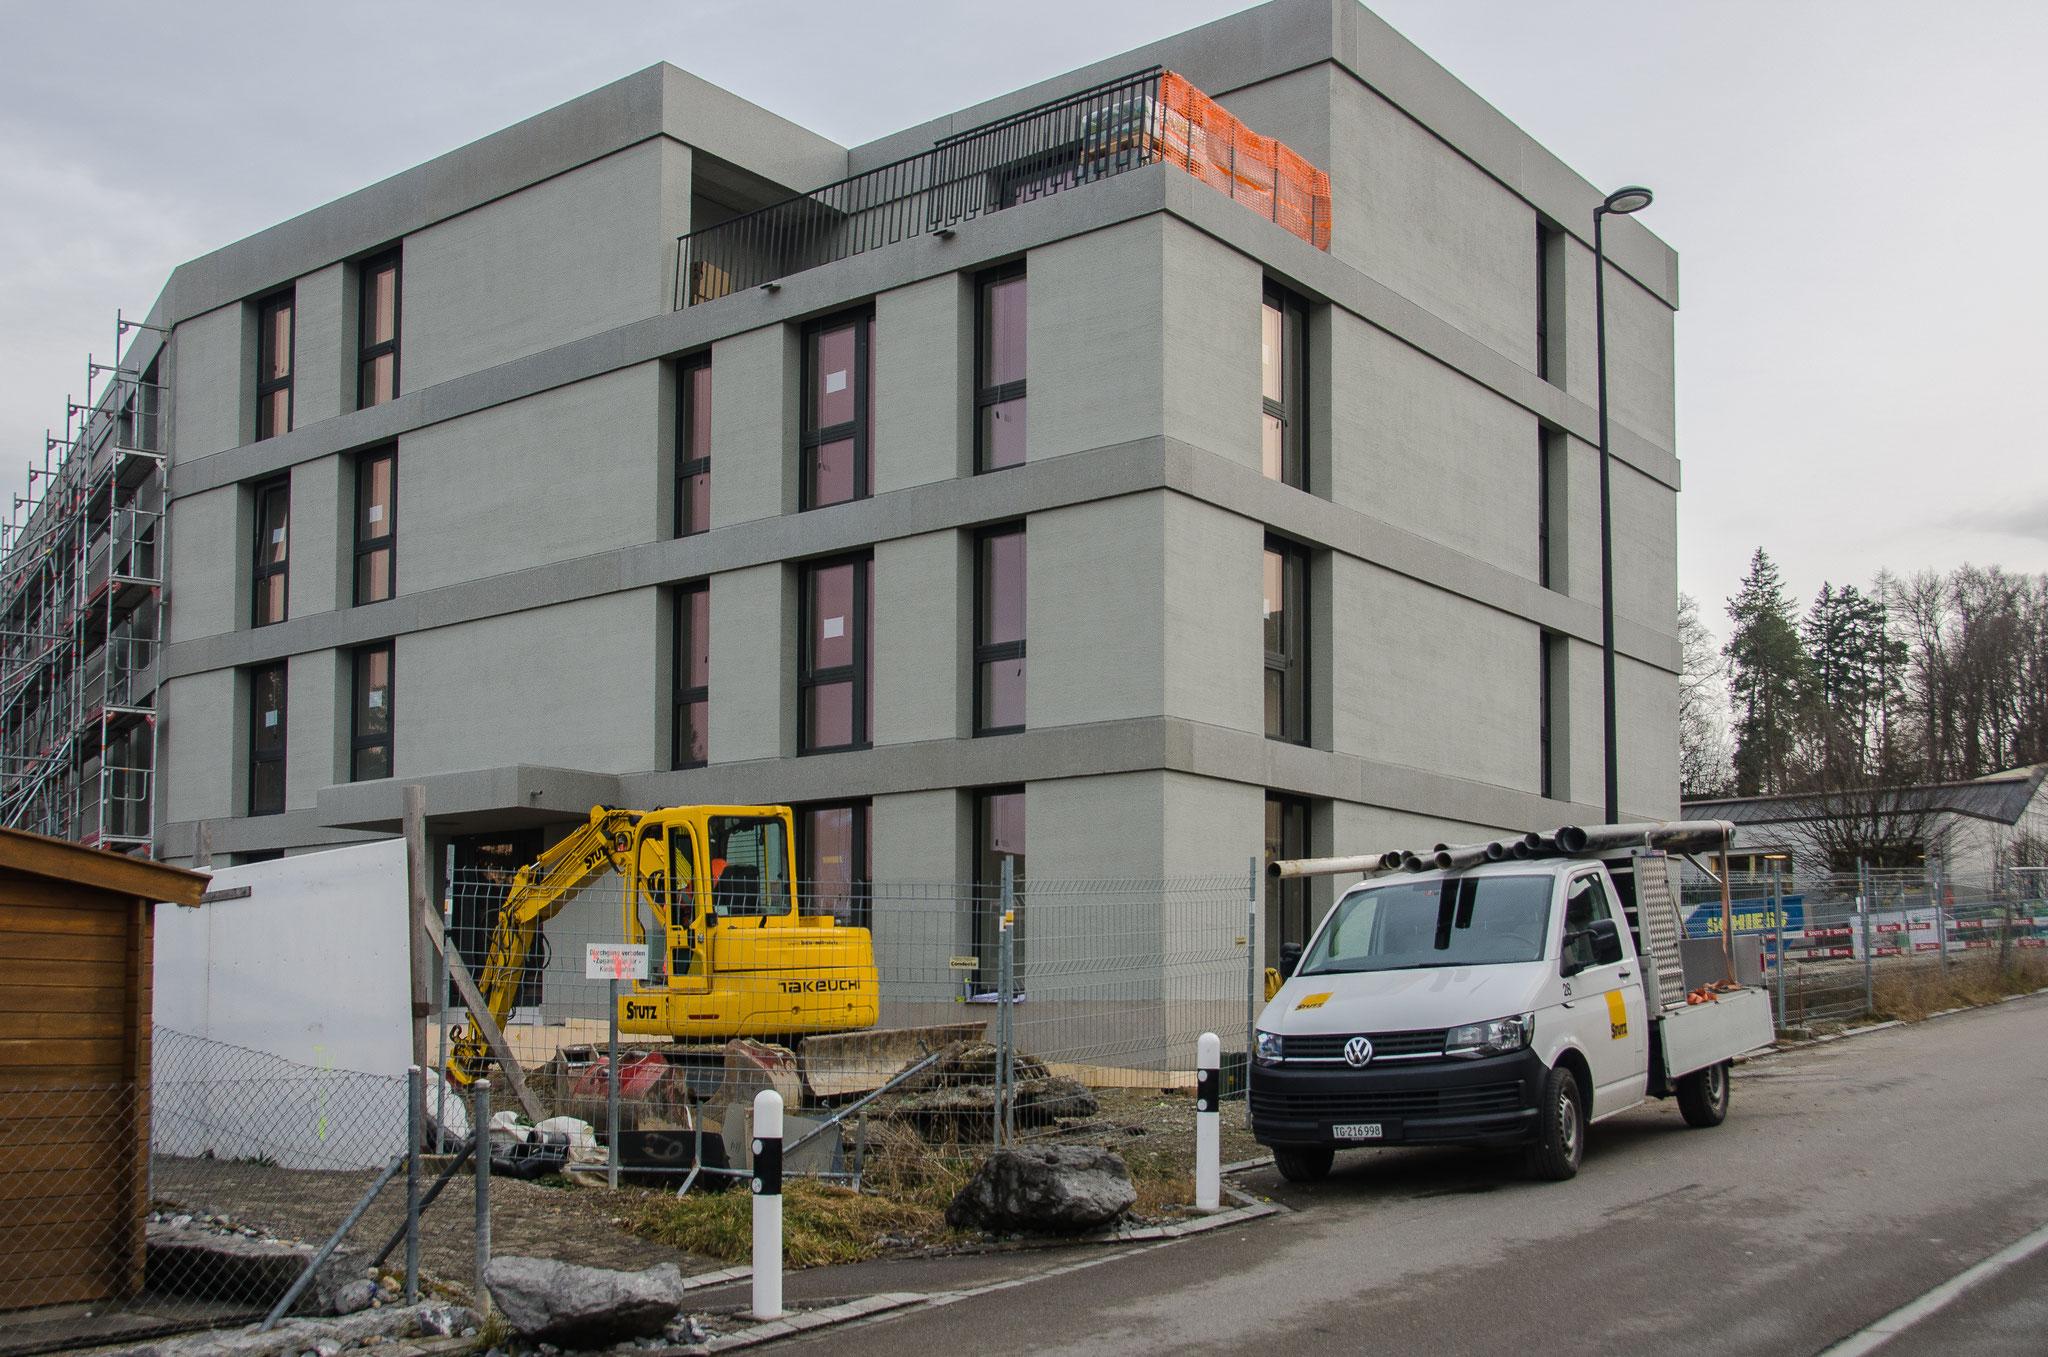 Beim westlichen Teil des Gebäudes ist das Baugerüst bereits demontiert und gibt den Blick auf einen Teil der Fassade frei.